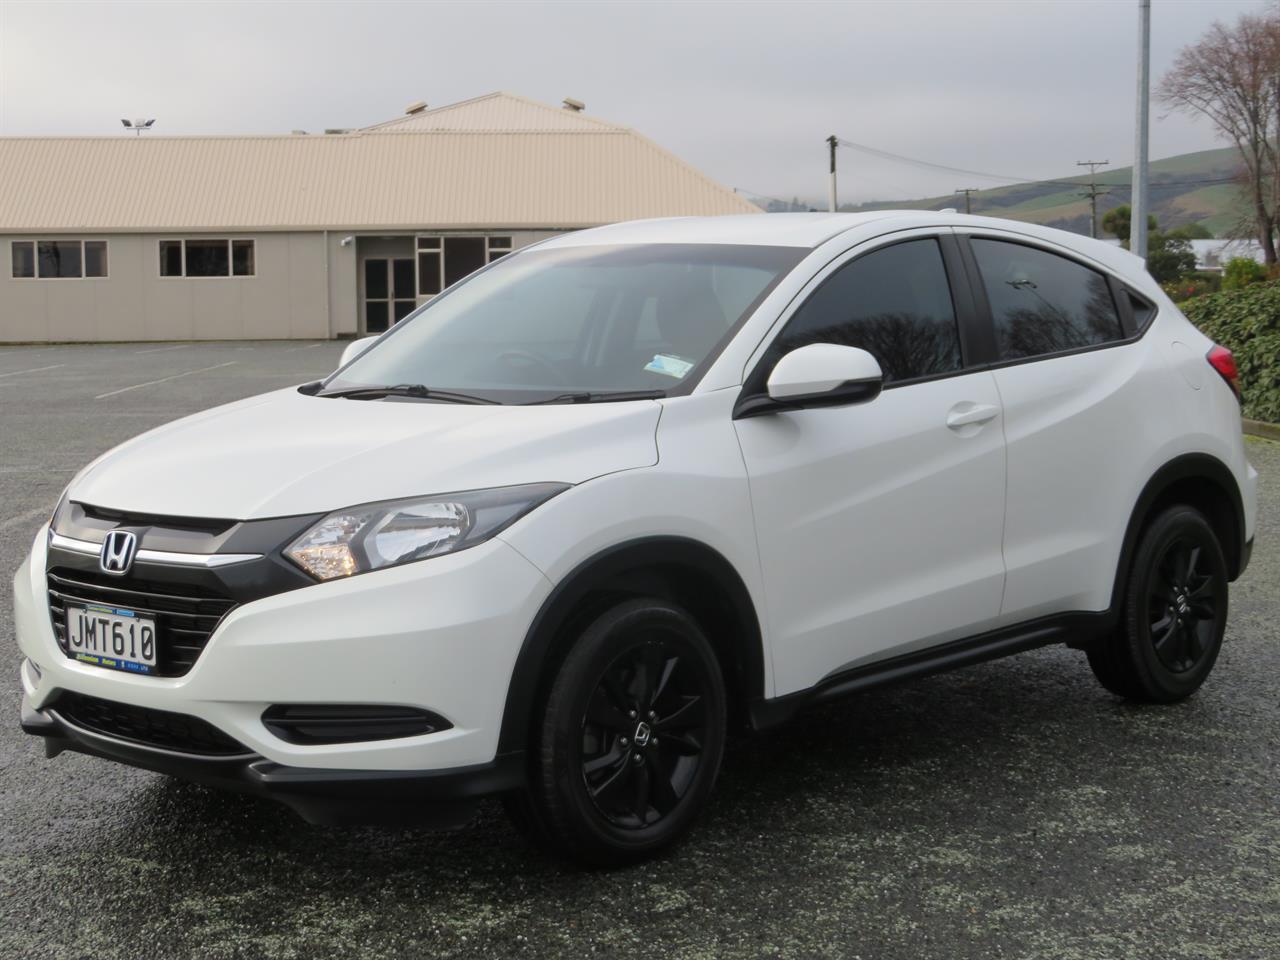 image-2, 2015 Honda HR-V 2WD at Gore